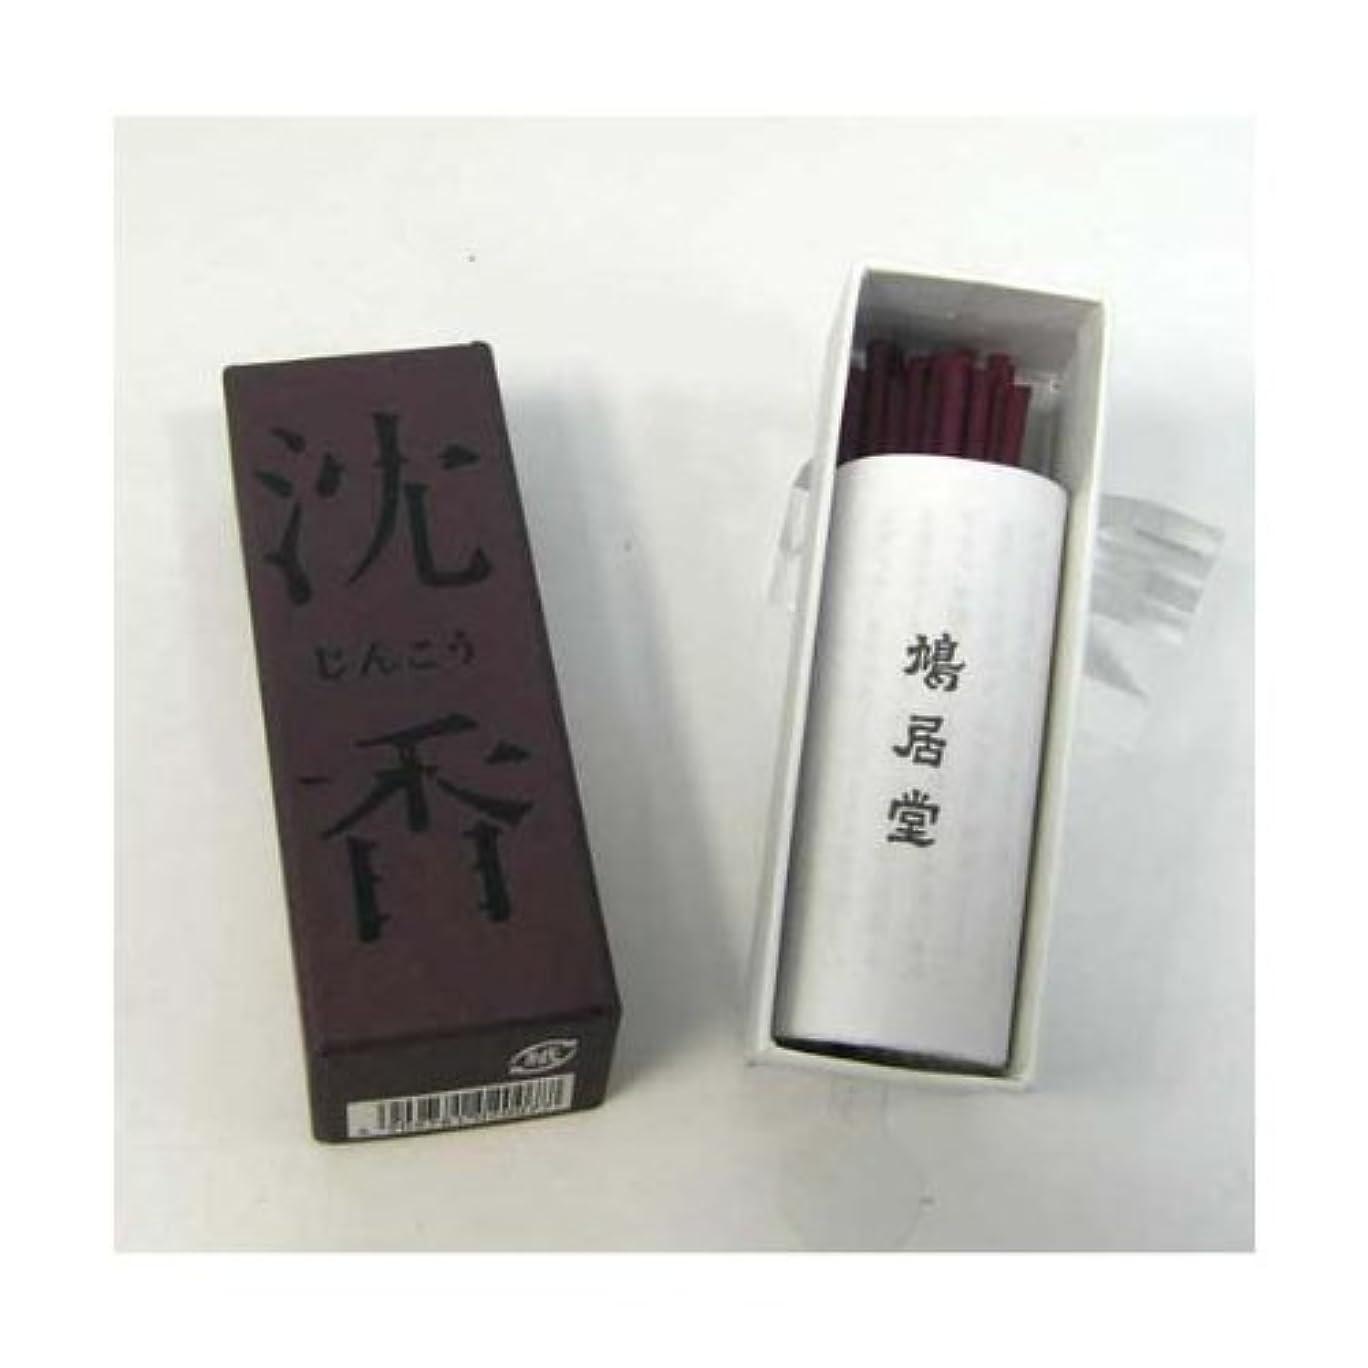 旅行そしてモード鳩居堂 お香 沈香 香木の香りシリーズ スティックタイプ(棒状香)20本いり